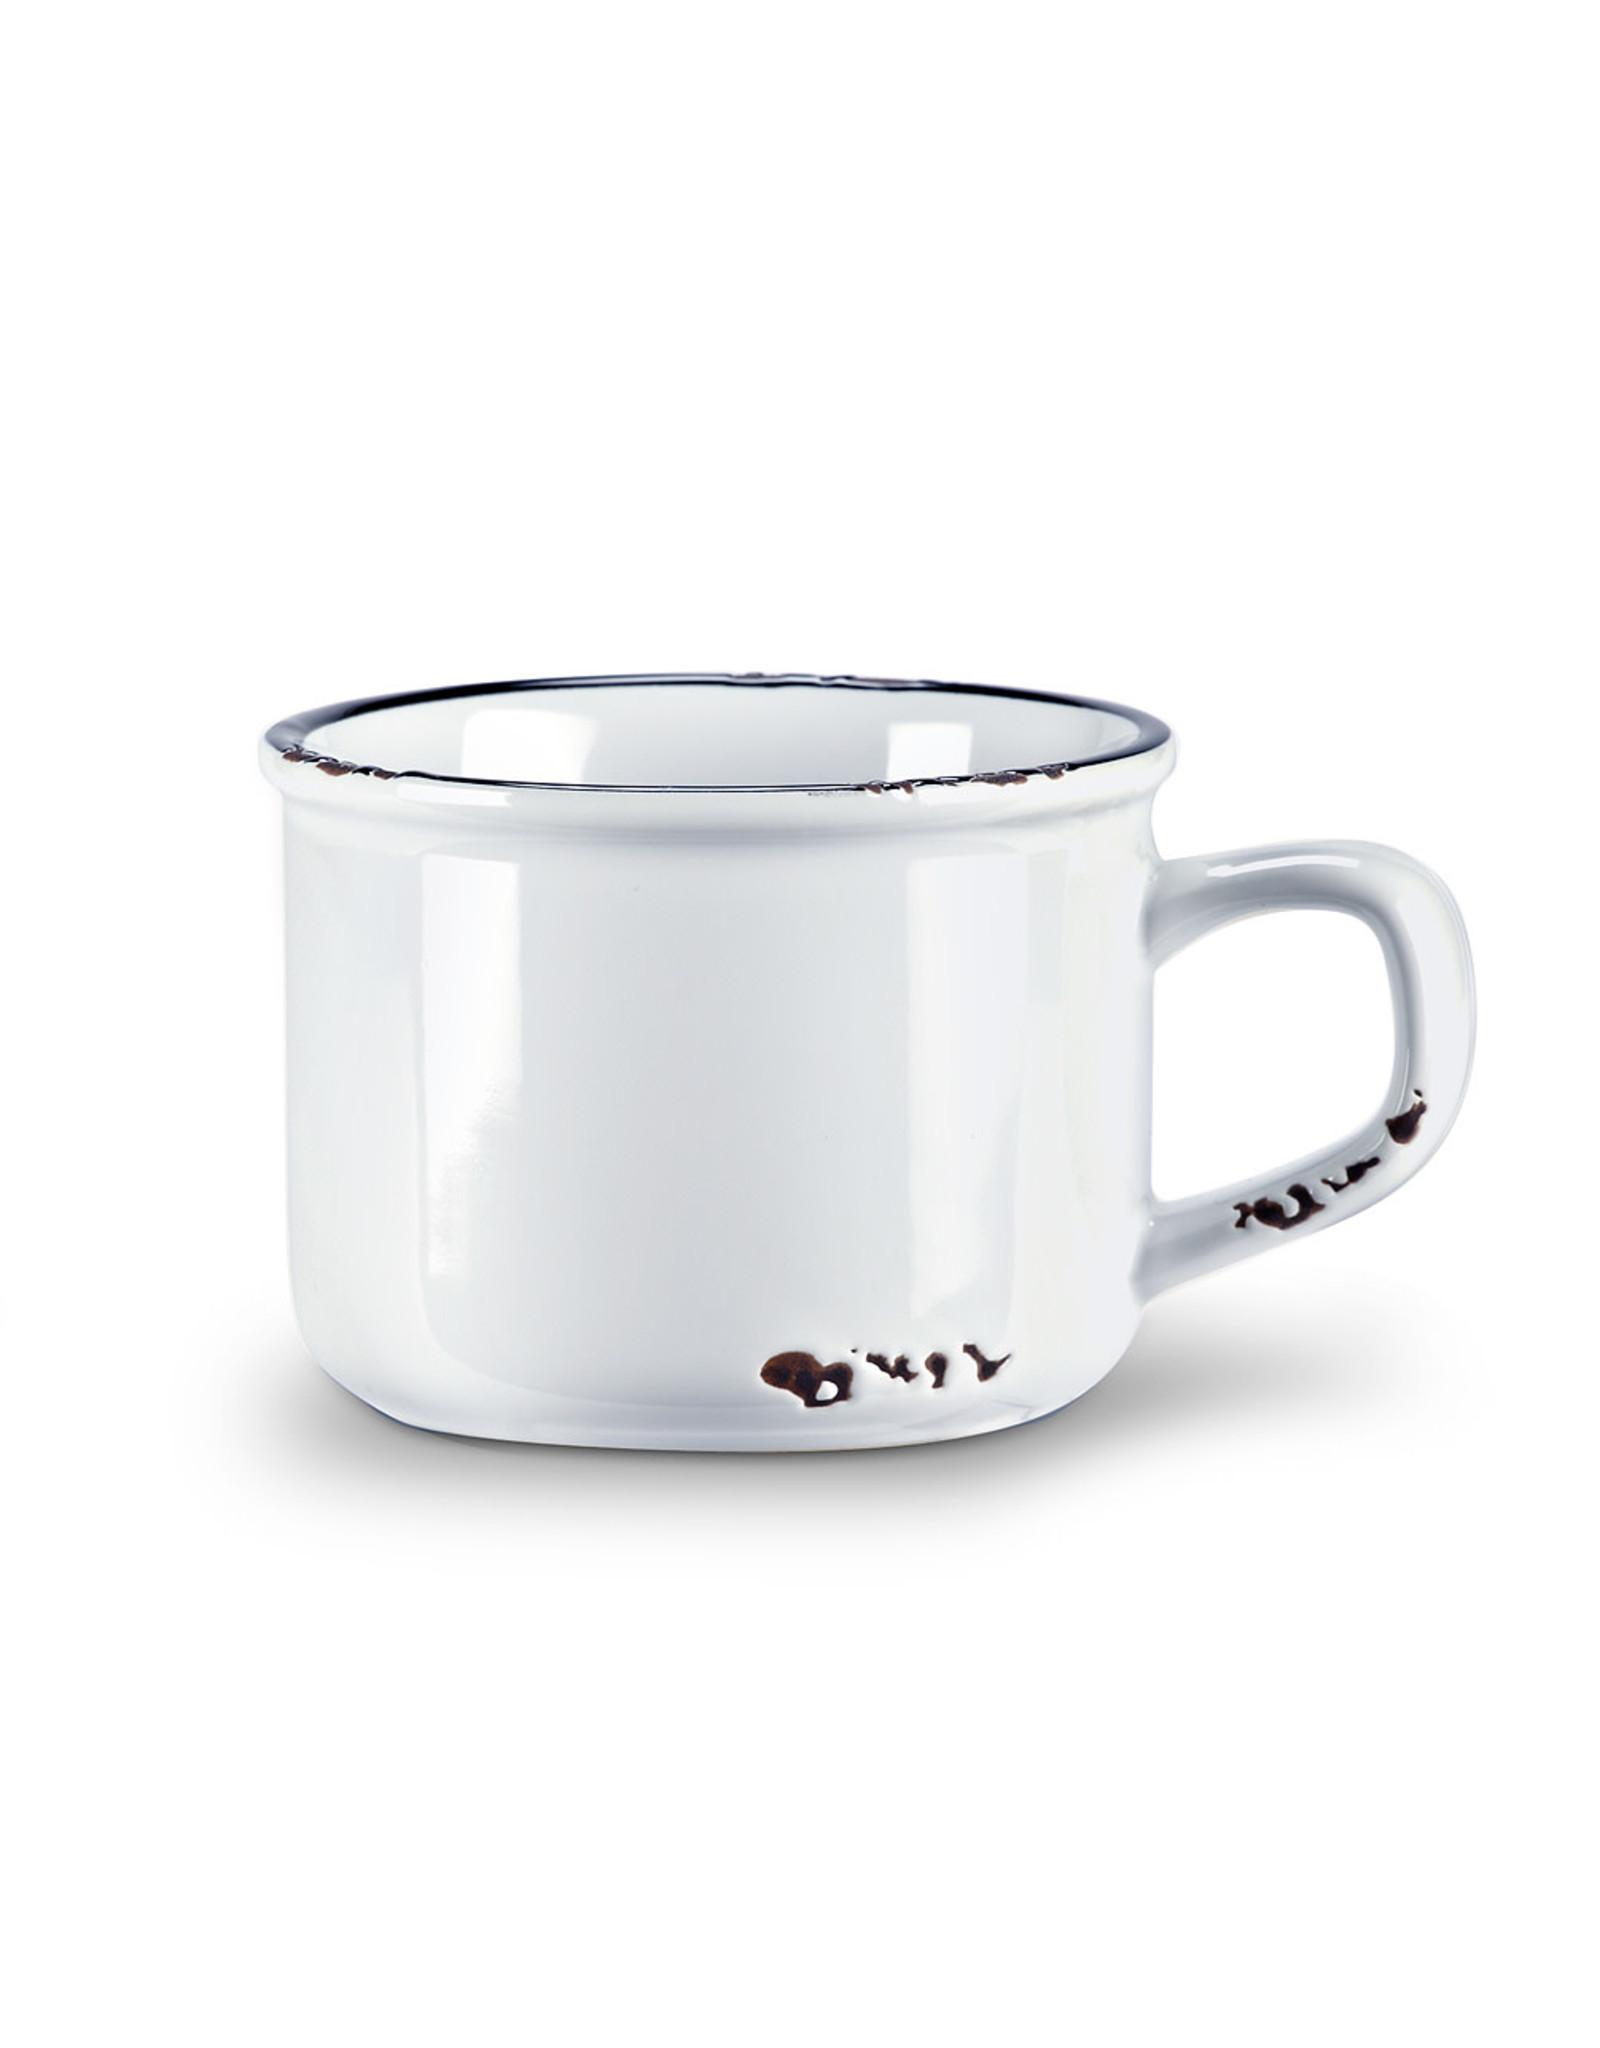 Tasse cappuccino blanche en grès (8 oz)